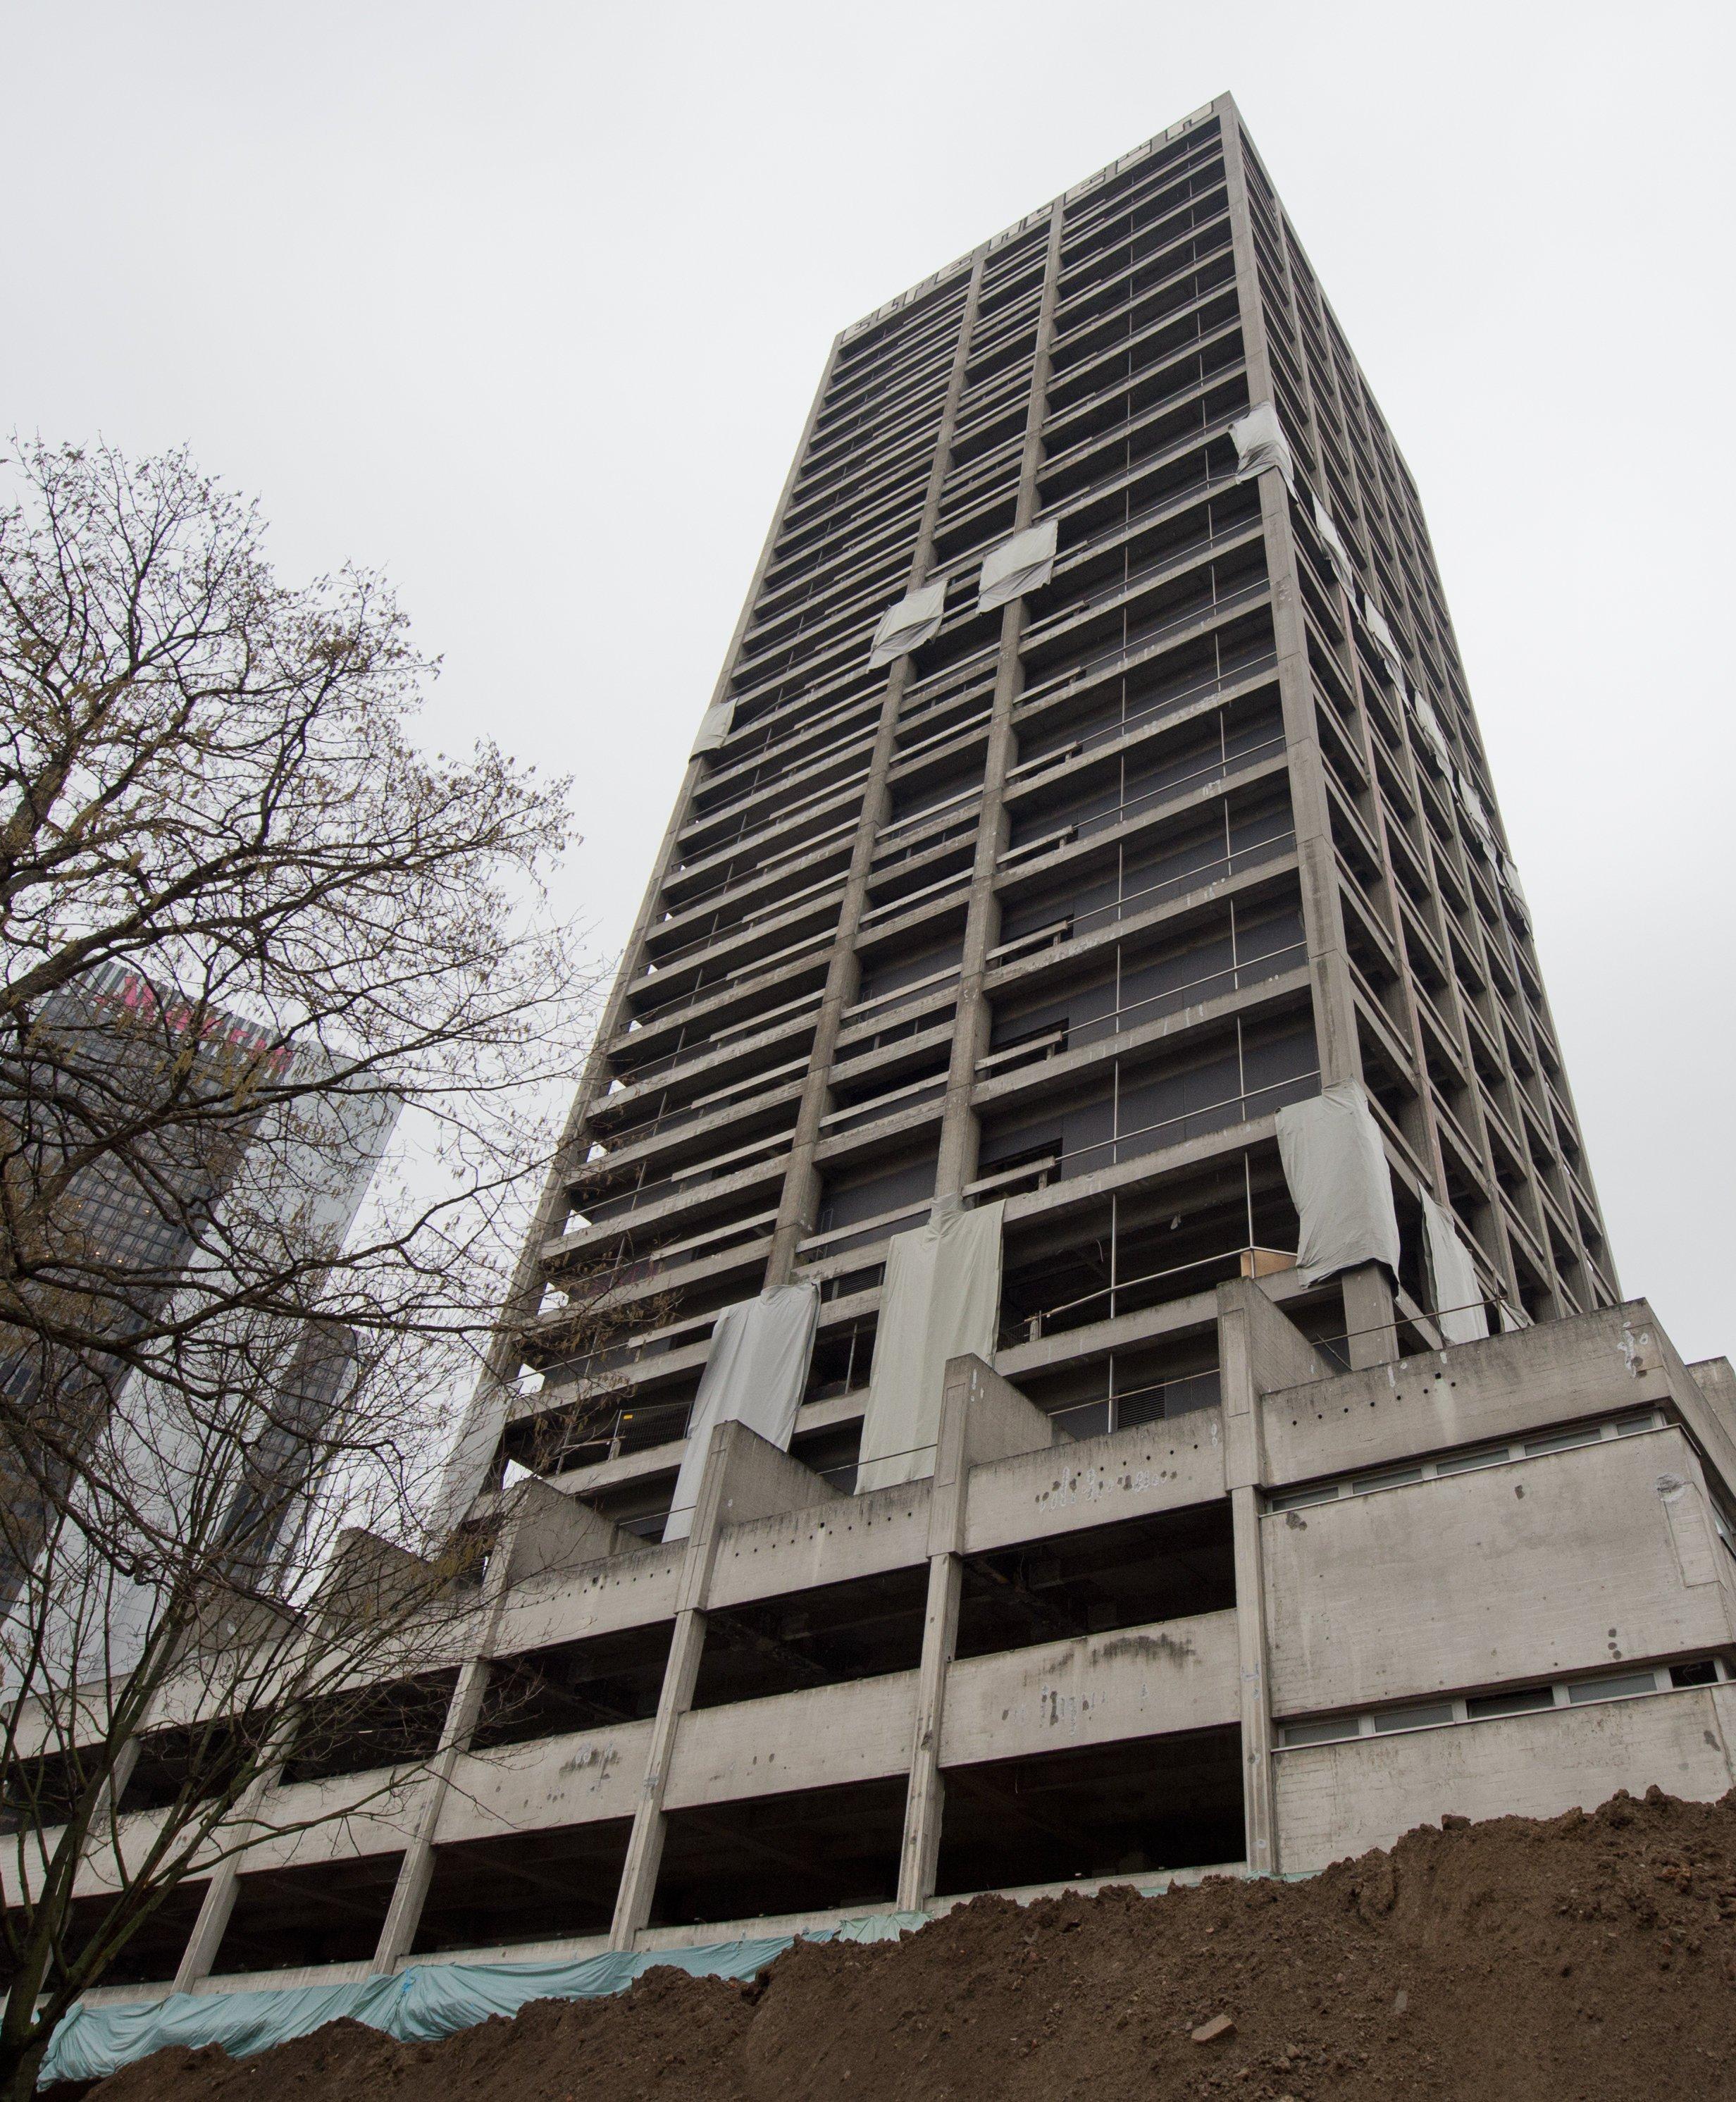 Bereit zur Sprengung ist der AfE-Turmin Frankfurt am Main: Seit Monaten wurde das Gebäude entkernt. Insgesamt werden 950 Kilogramm Sprengstoff benötigt, die 1403 Bohrlöcher füllen.50.000 Tonnen Schutt werden nachder Sprengung übrig bleiben.